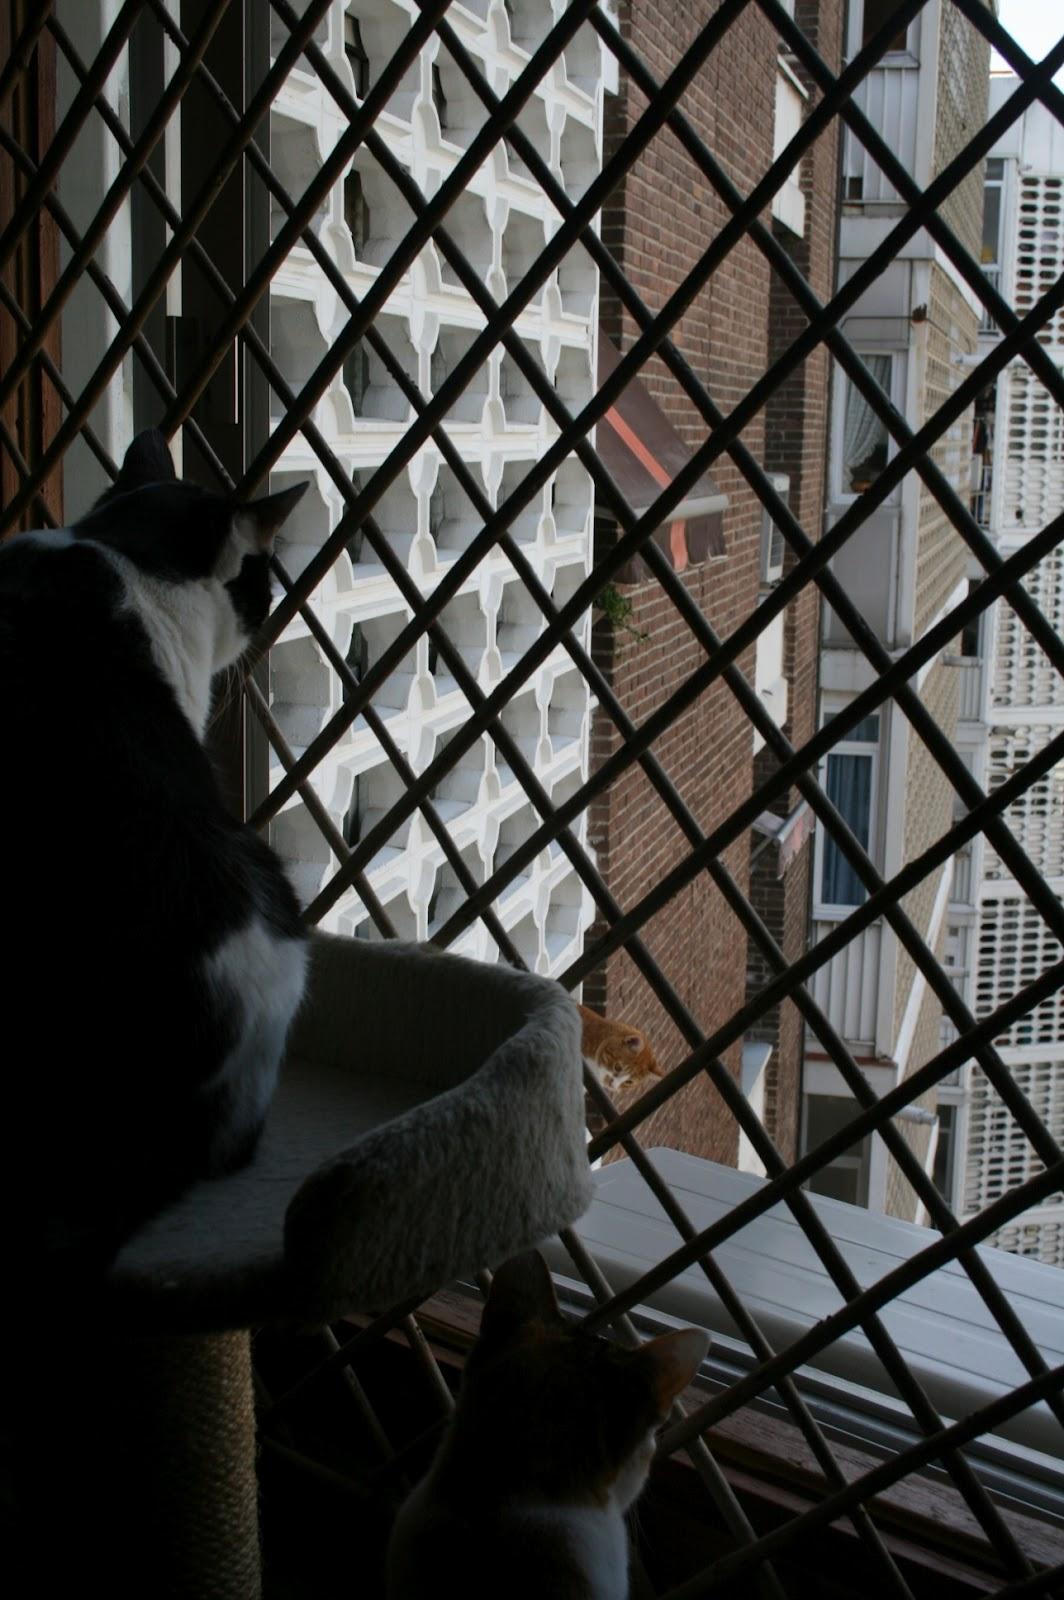 Todo sobre mi gato gatos paracaidistas y soluciones - Celosias de madera leroy merlin ...